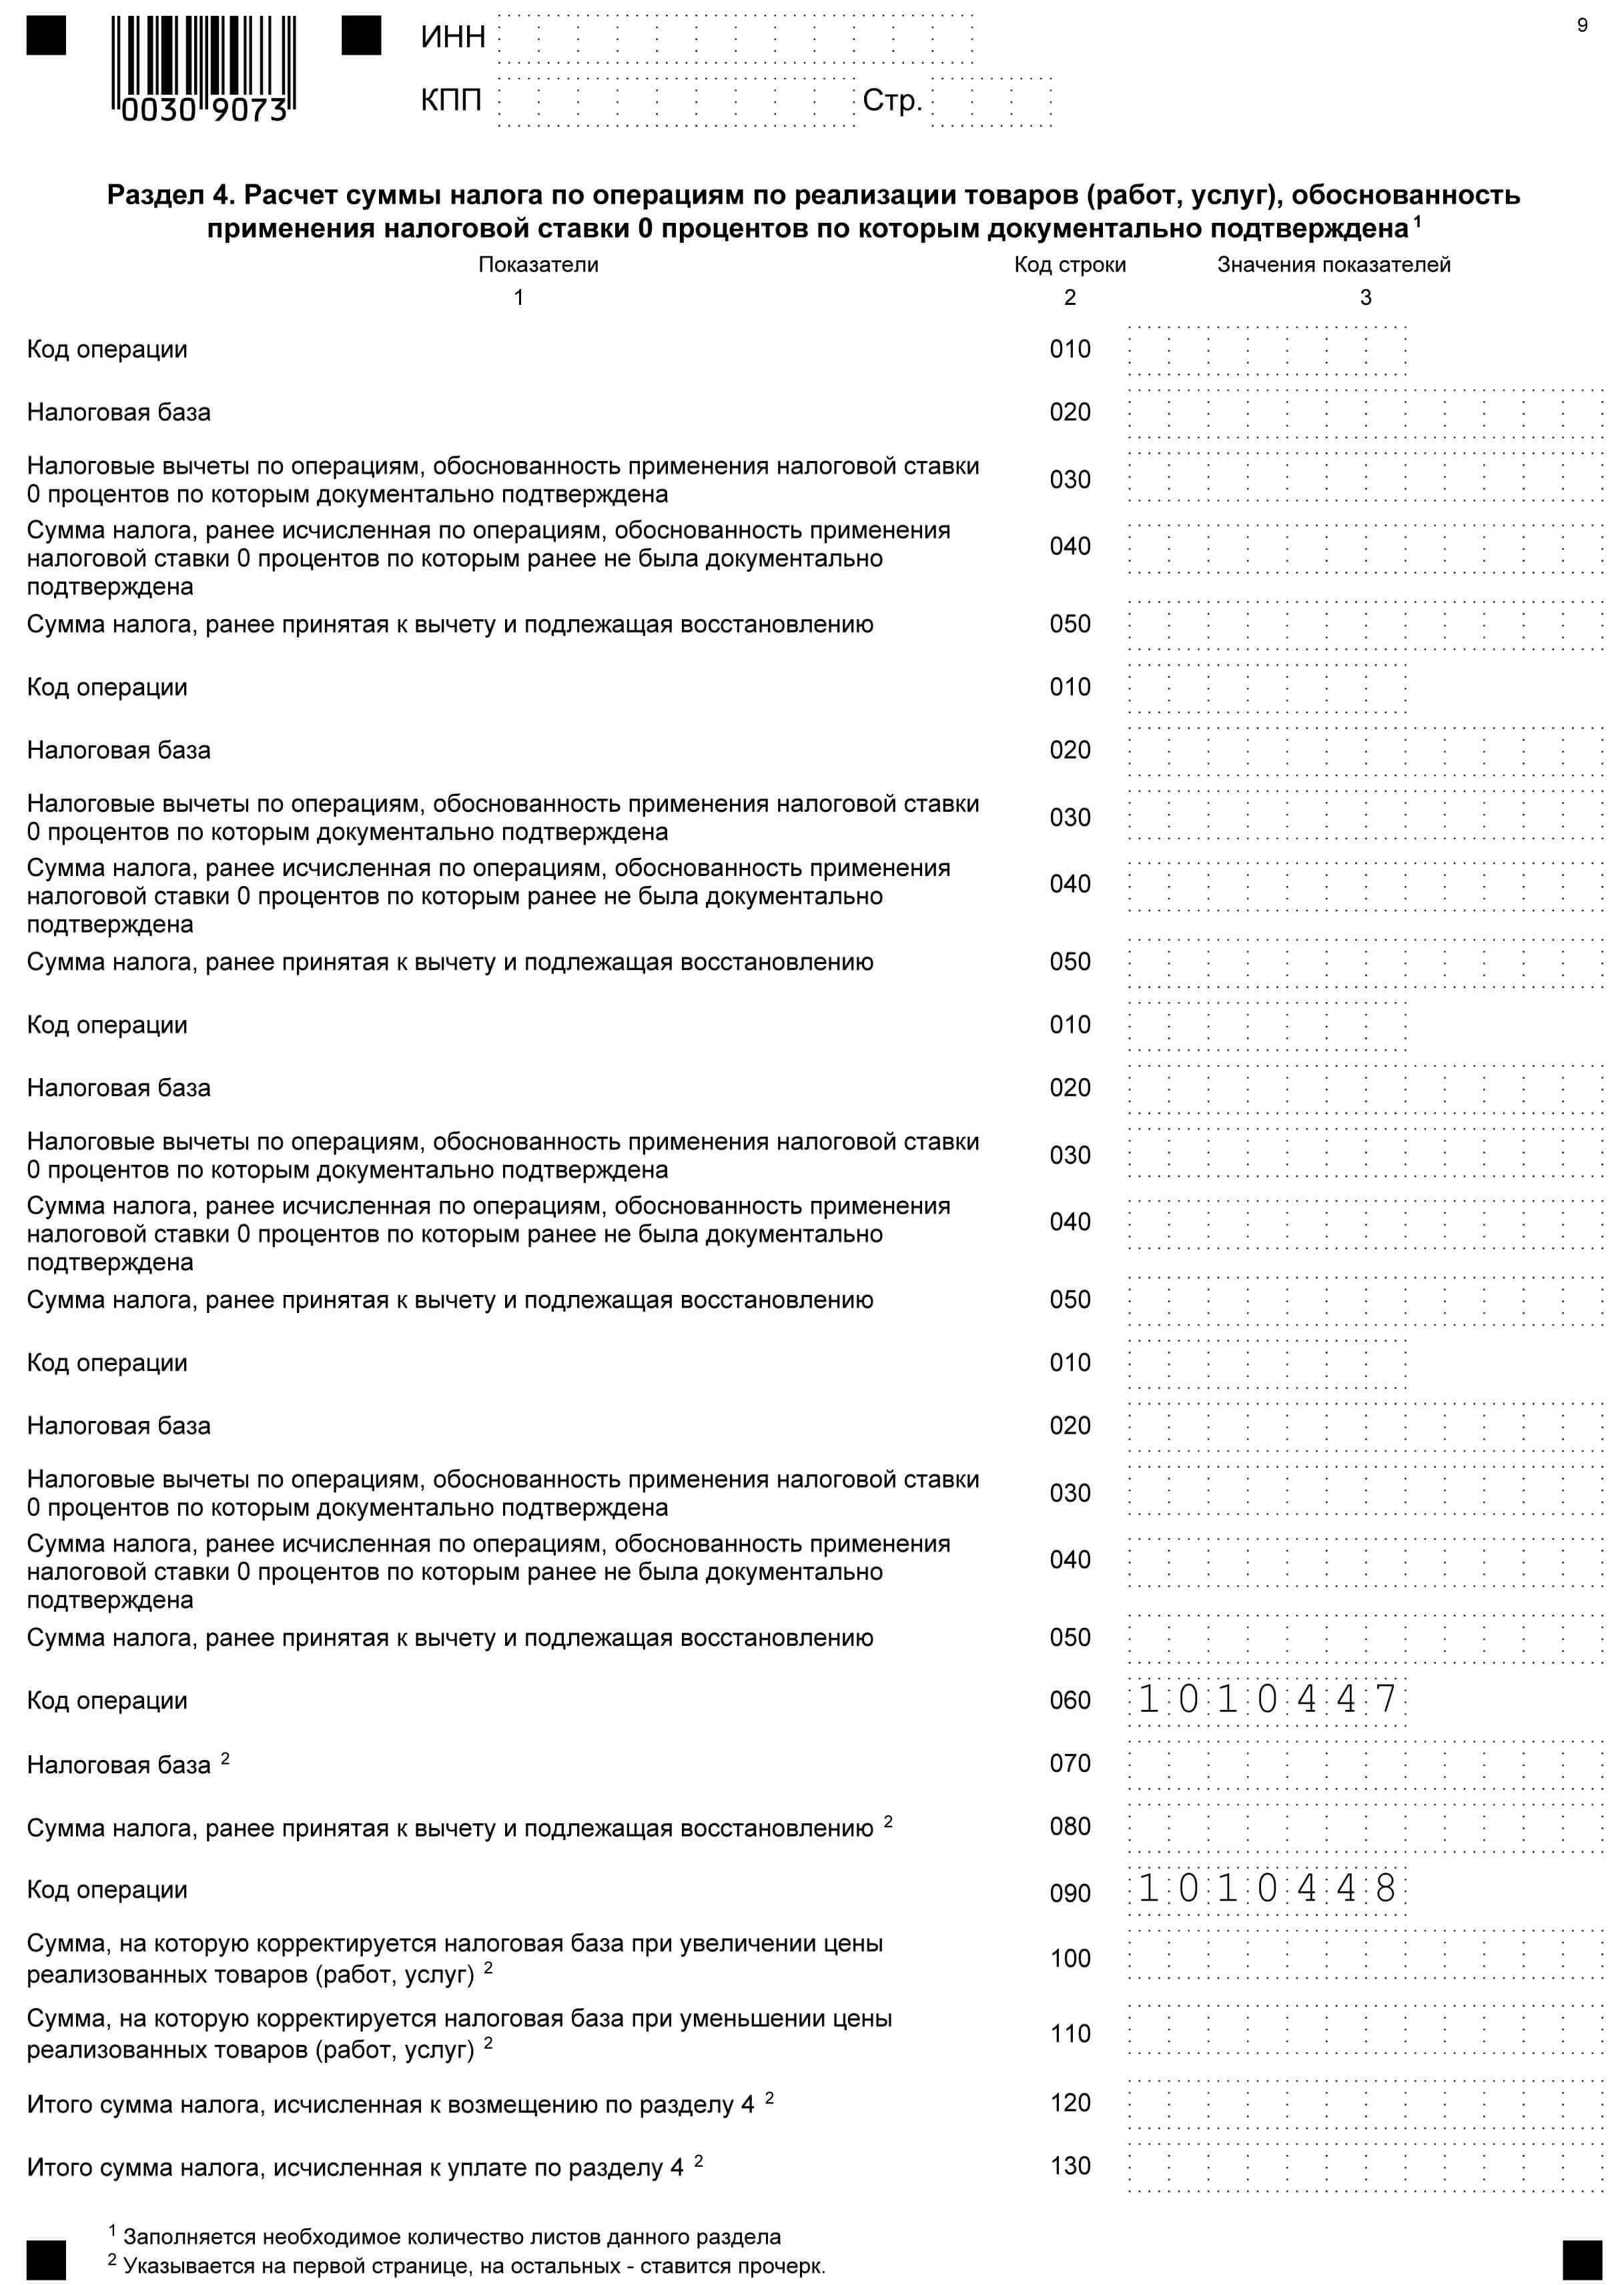 бланк декларації про доходи форми №7